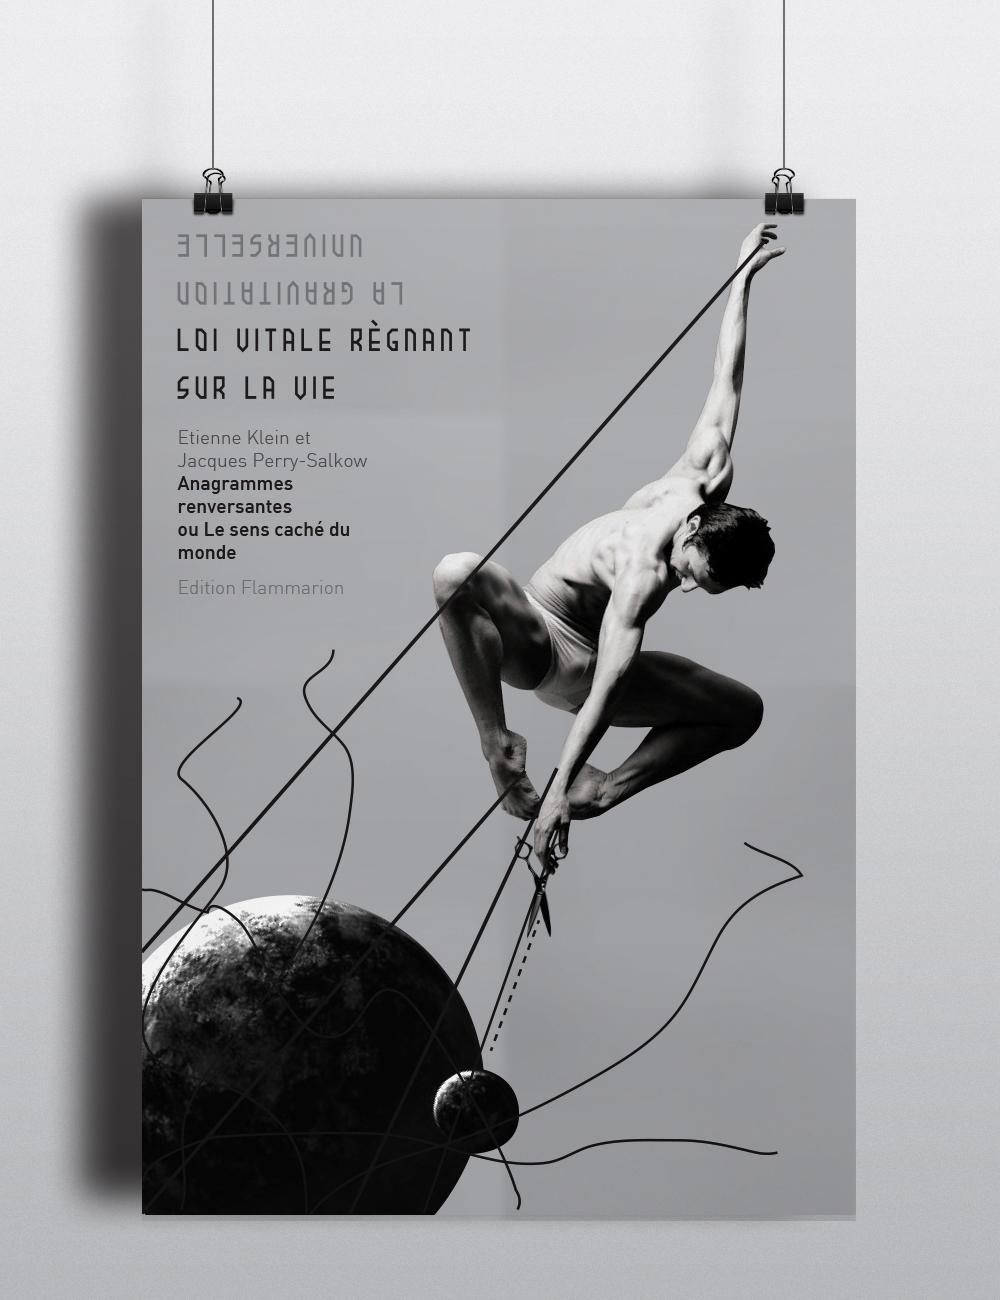 Conception Graphique edition Flammarion anagrammes reversantes Paris typo